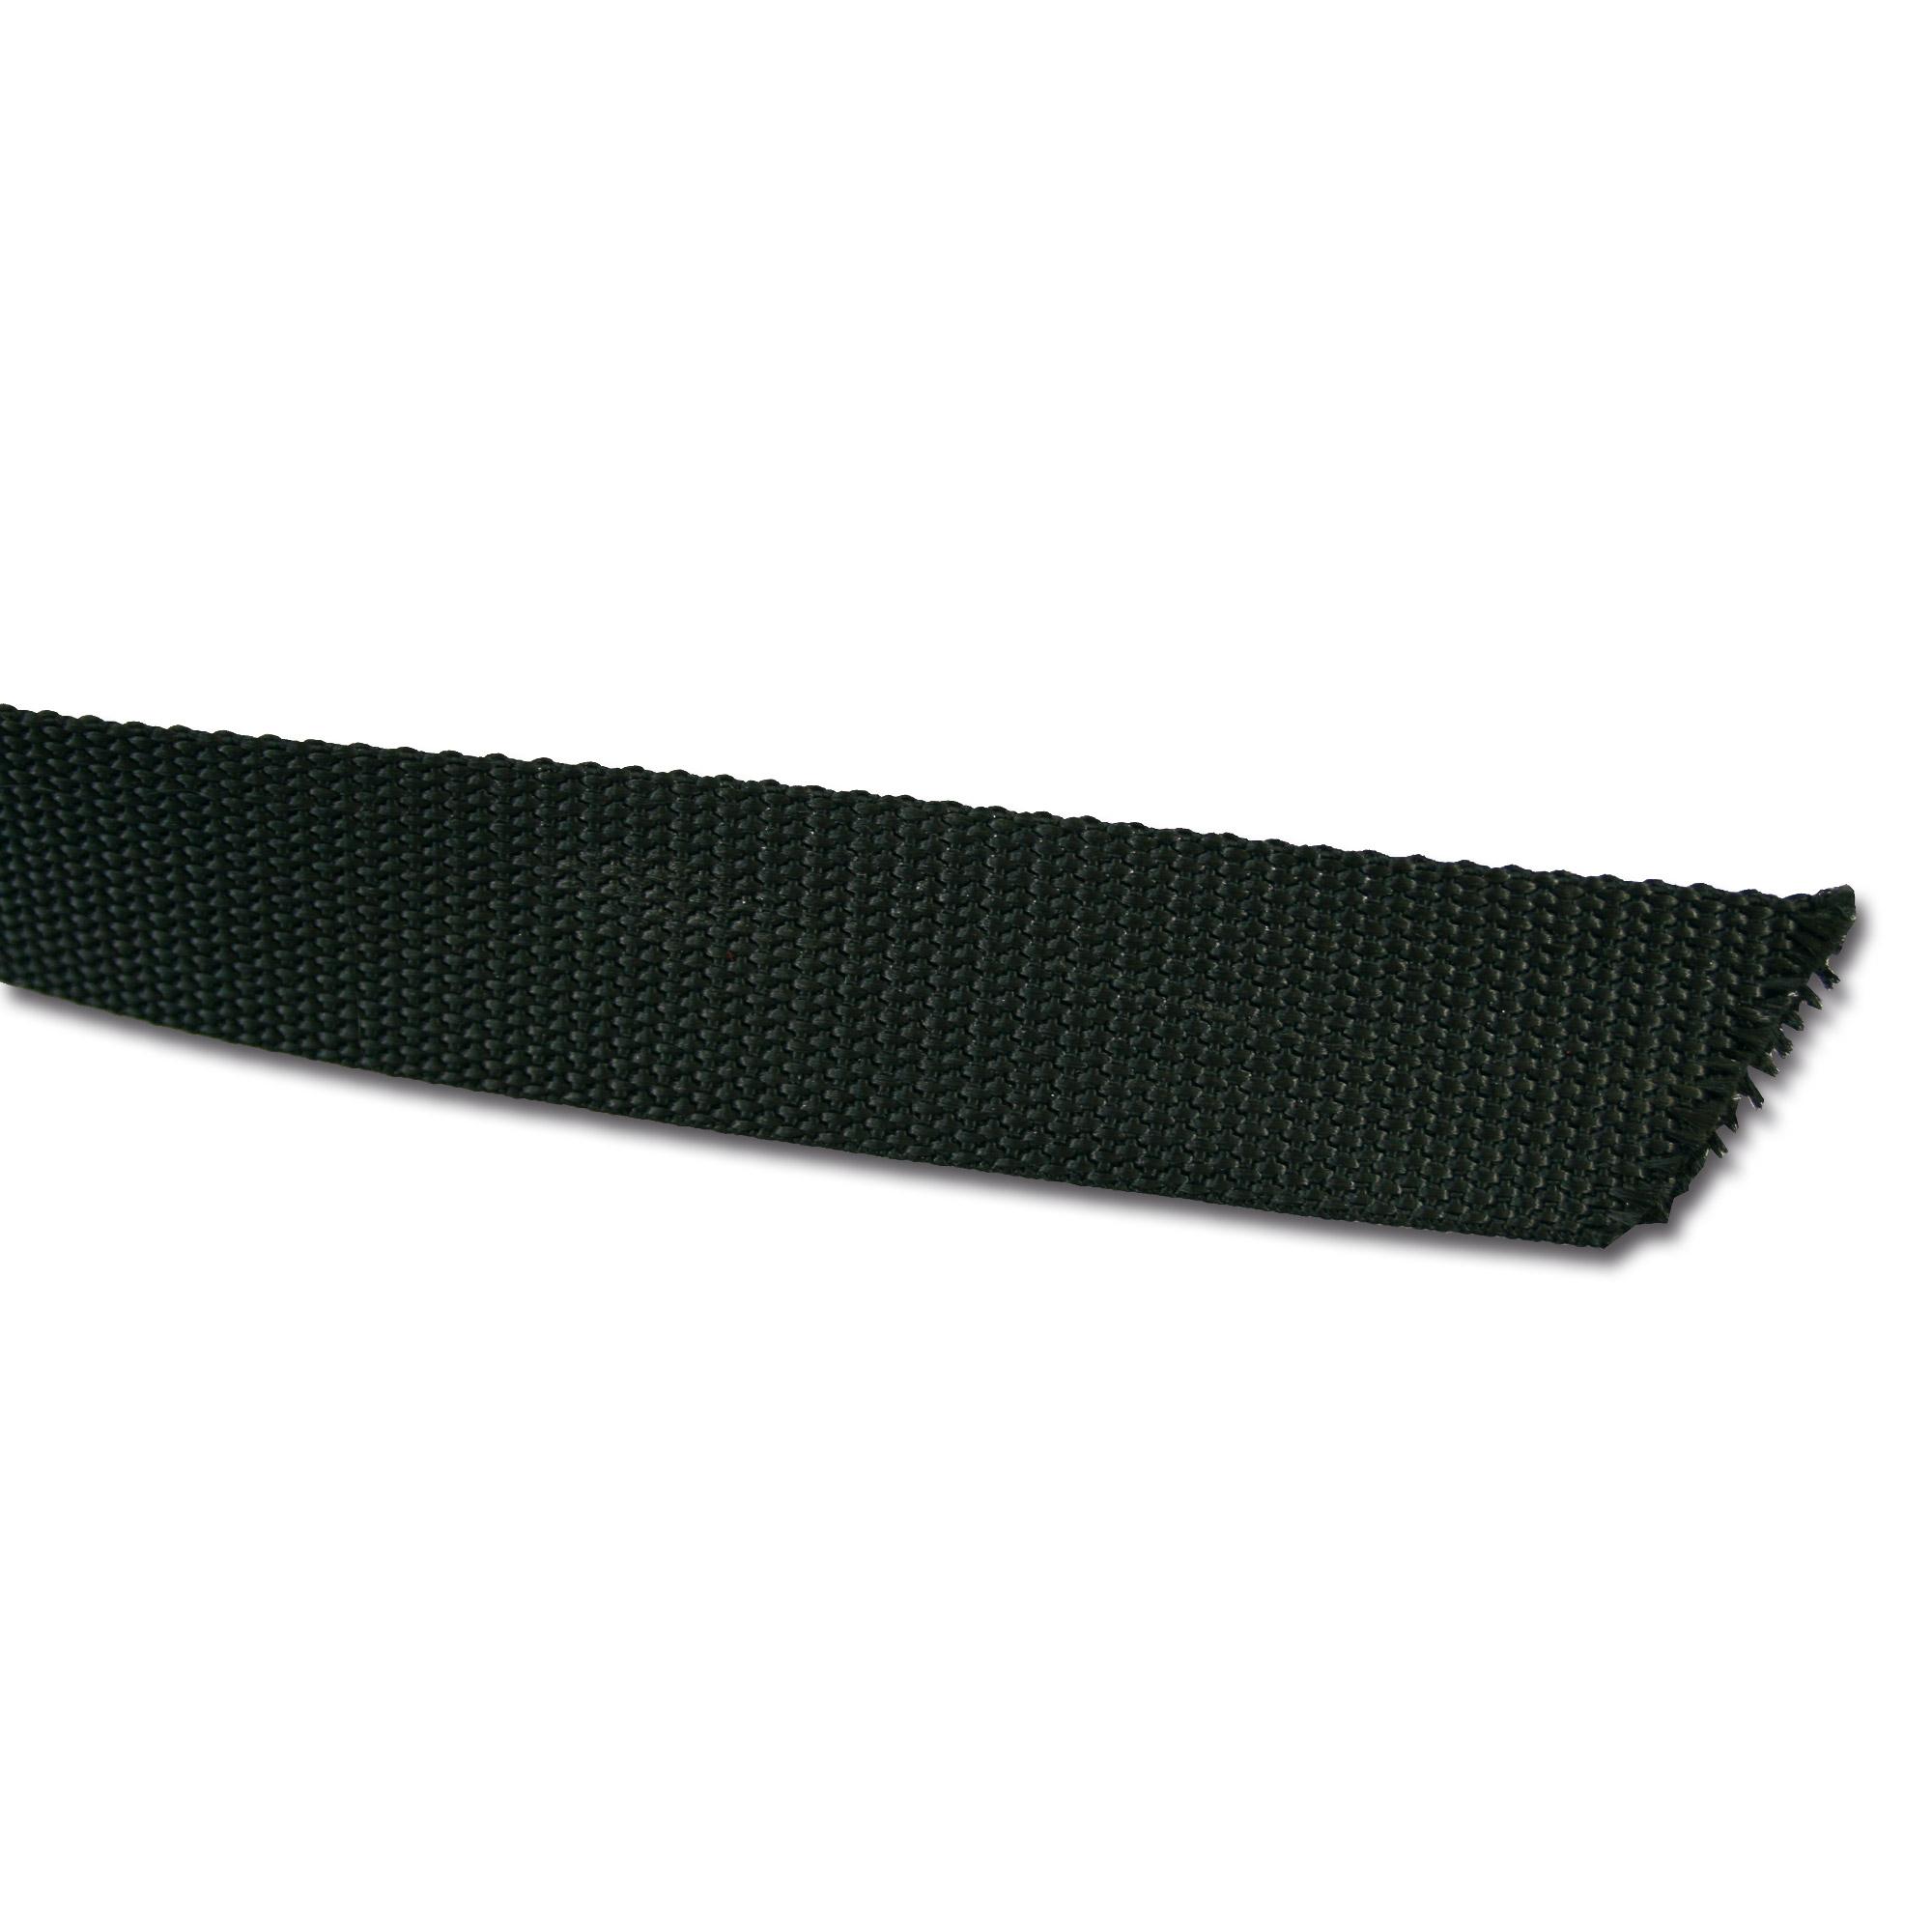 Webband US 30 mm schwarz